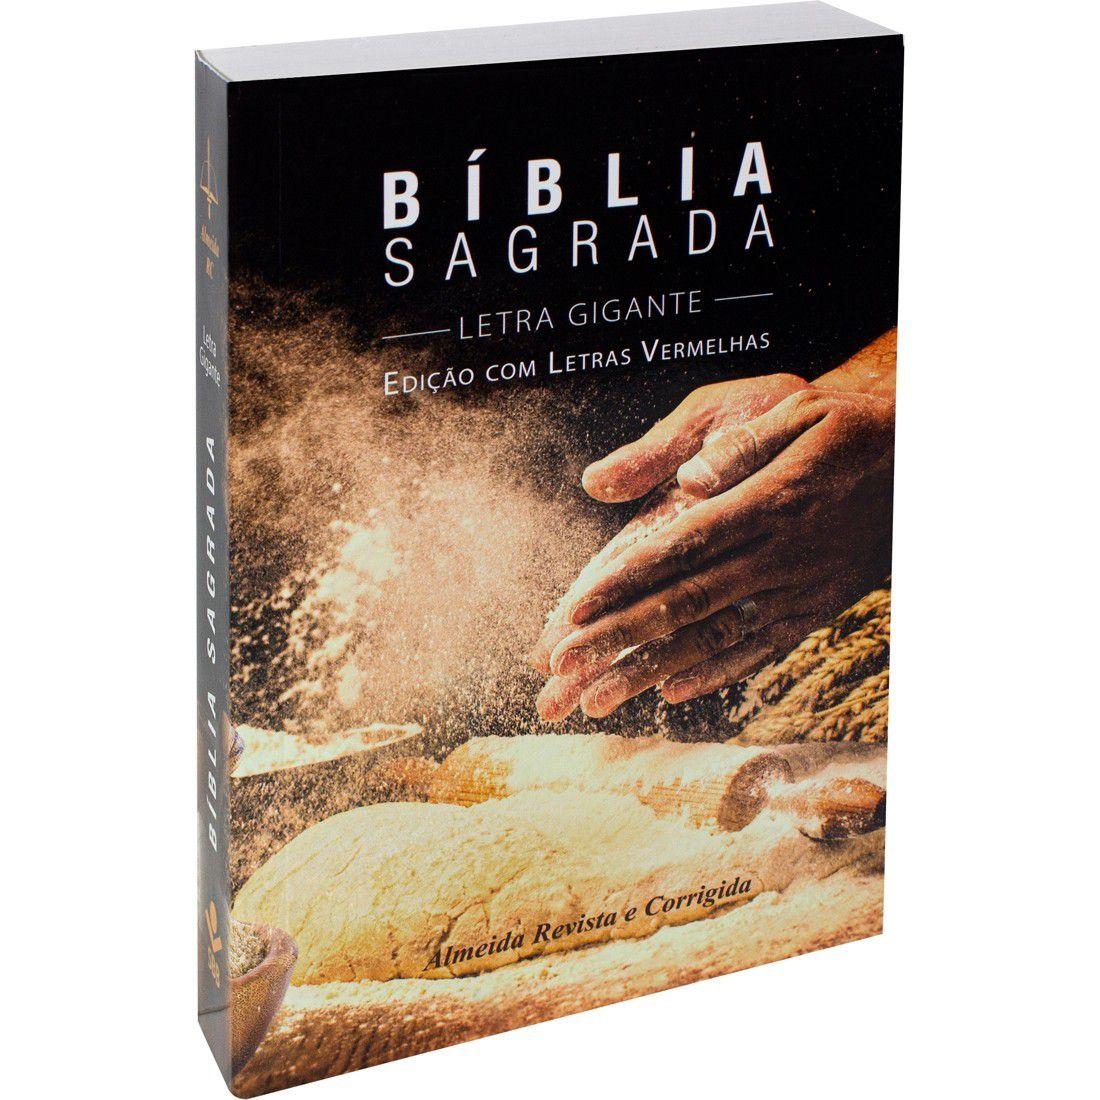 Bíblia Sagrada RC Letra Gigante Com Letras Vermelhas - Pão